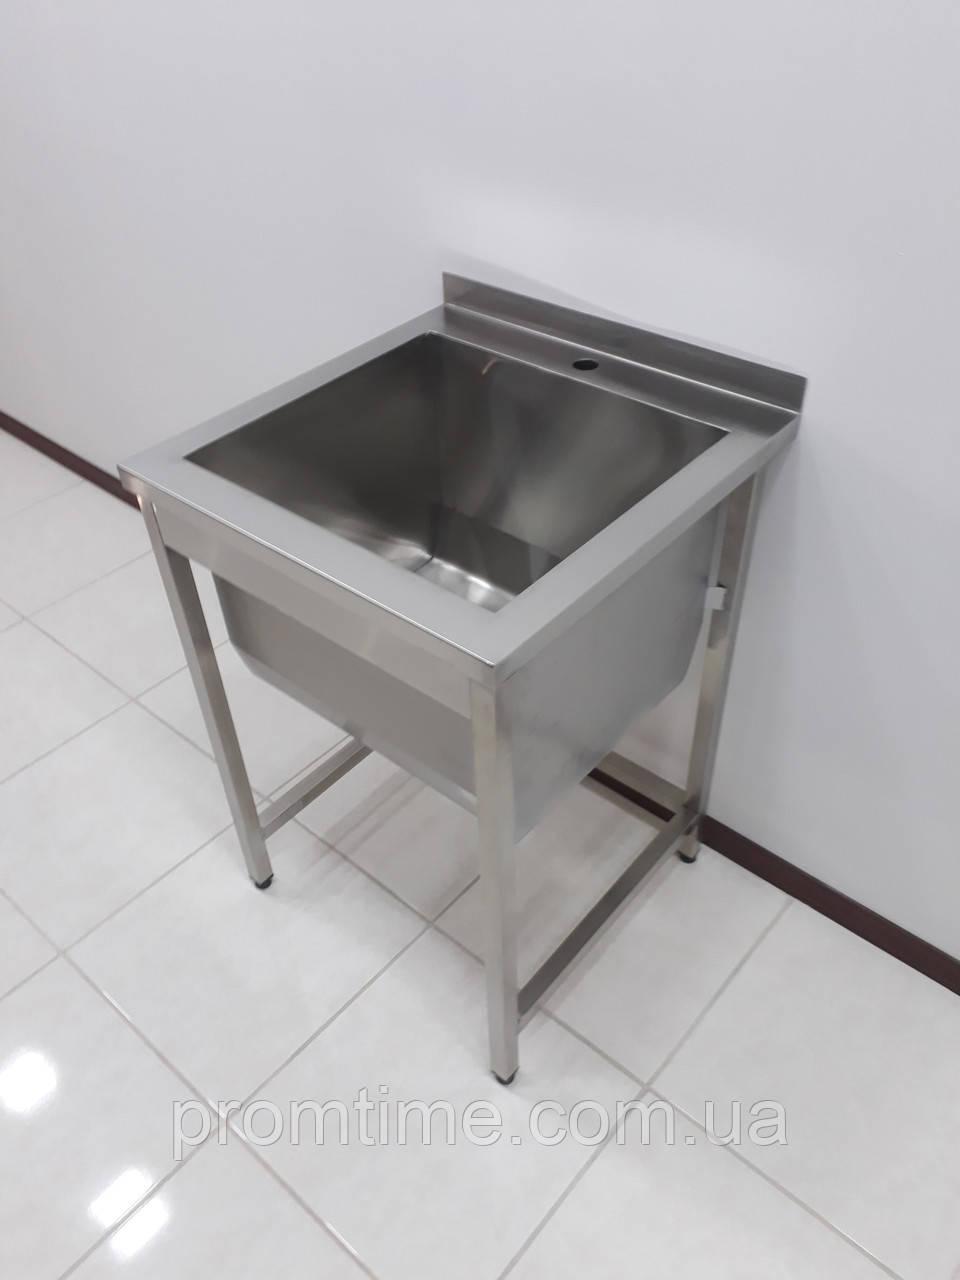 Мойка односекционная для ресторанной кухни с бортом из нержавеющей стали 600х600х850